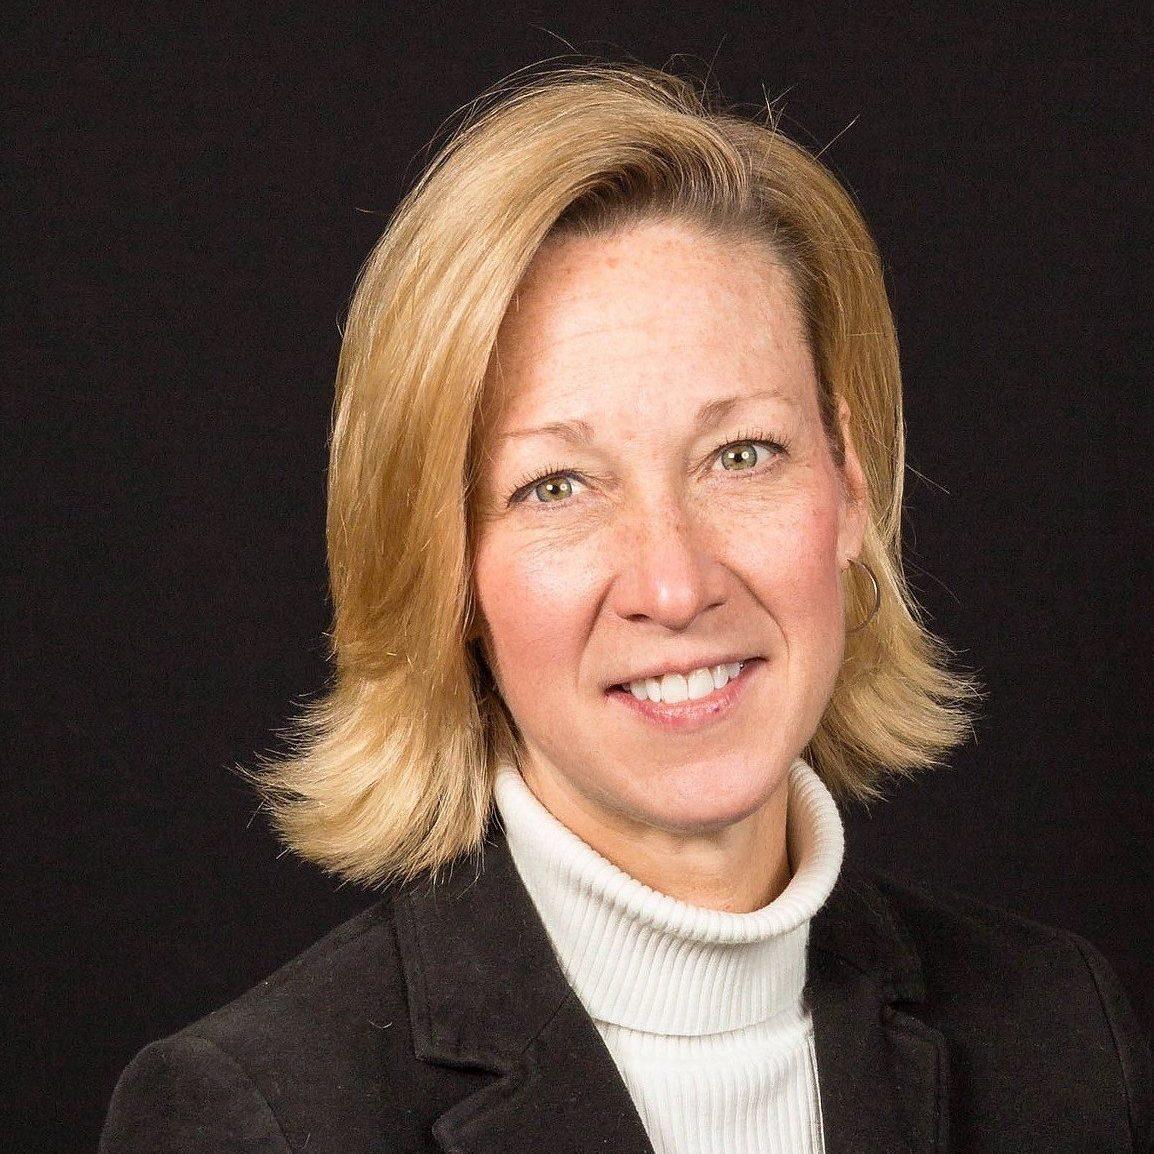 Jill Beier